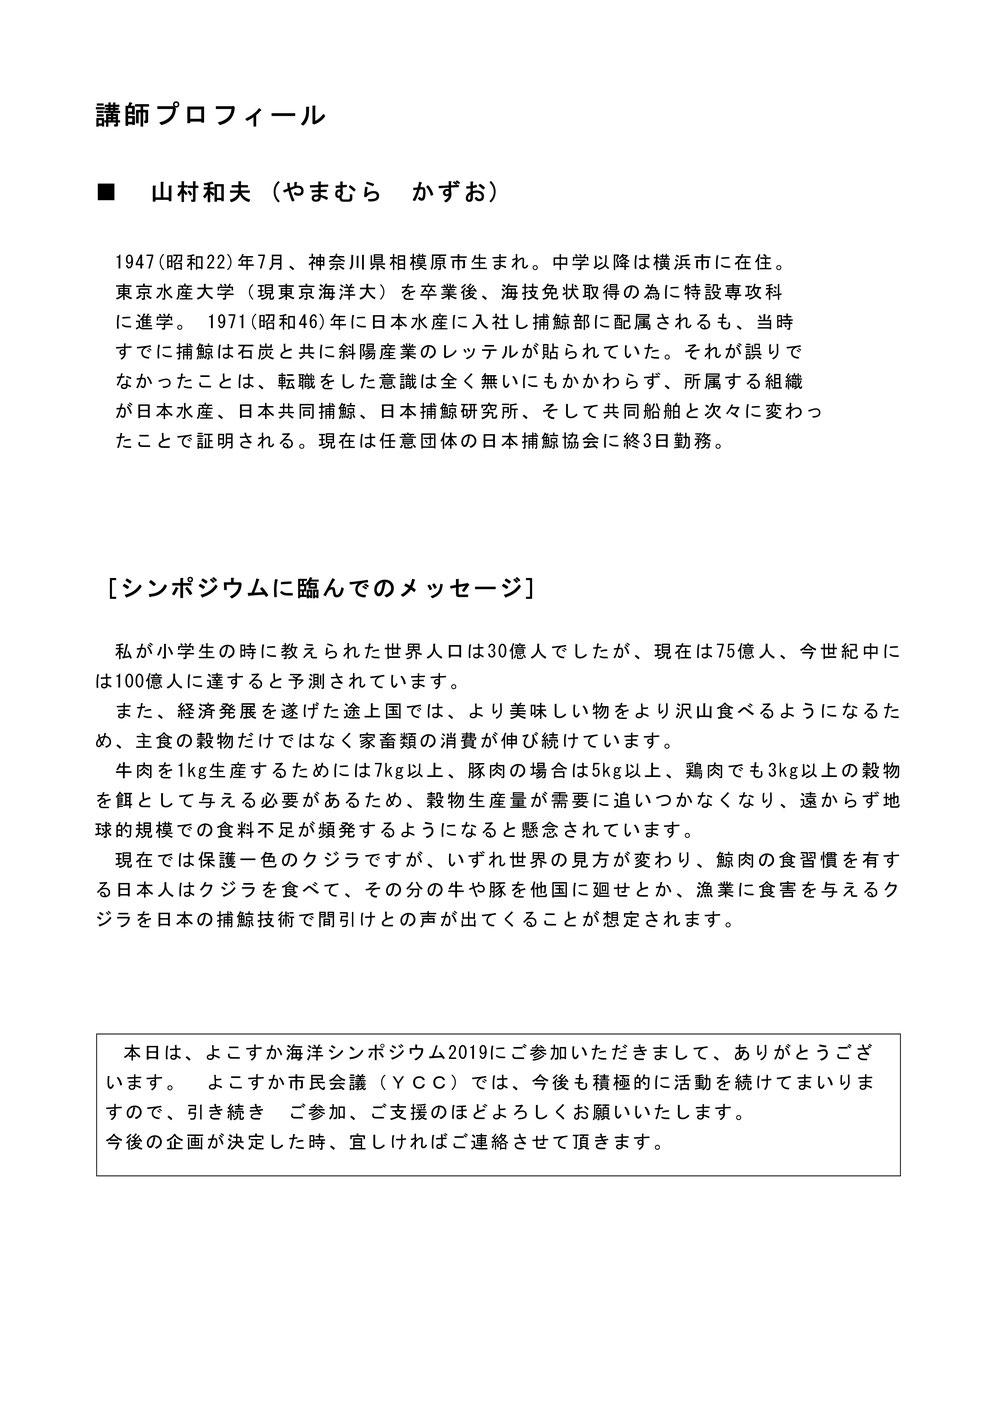 海洋シンポジウム2019 プログラム4ページ目